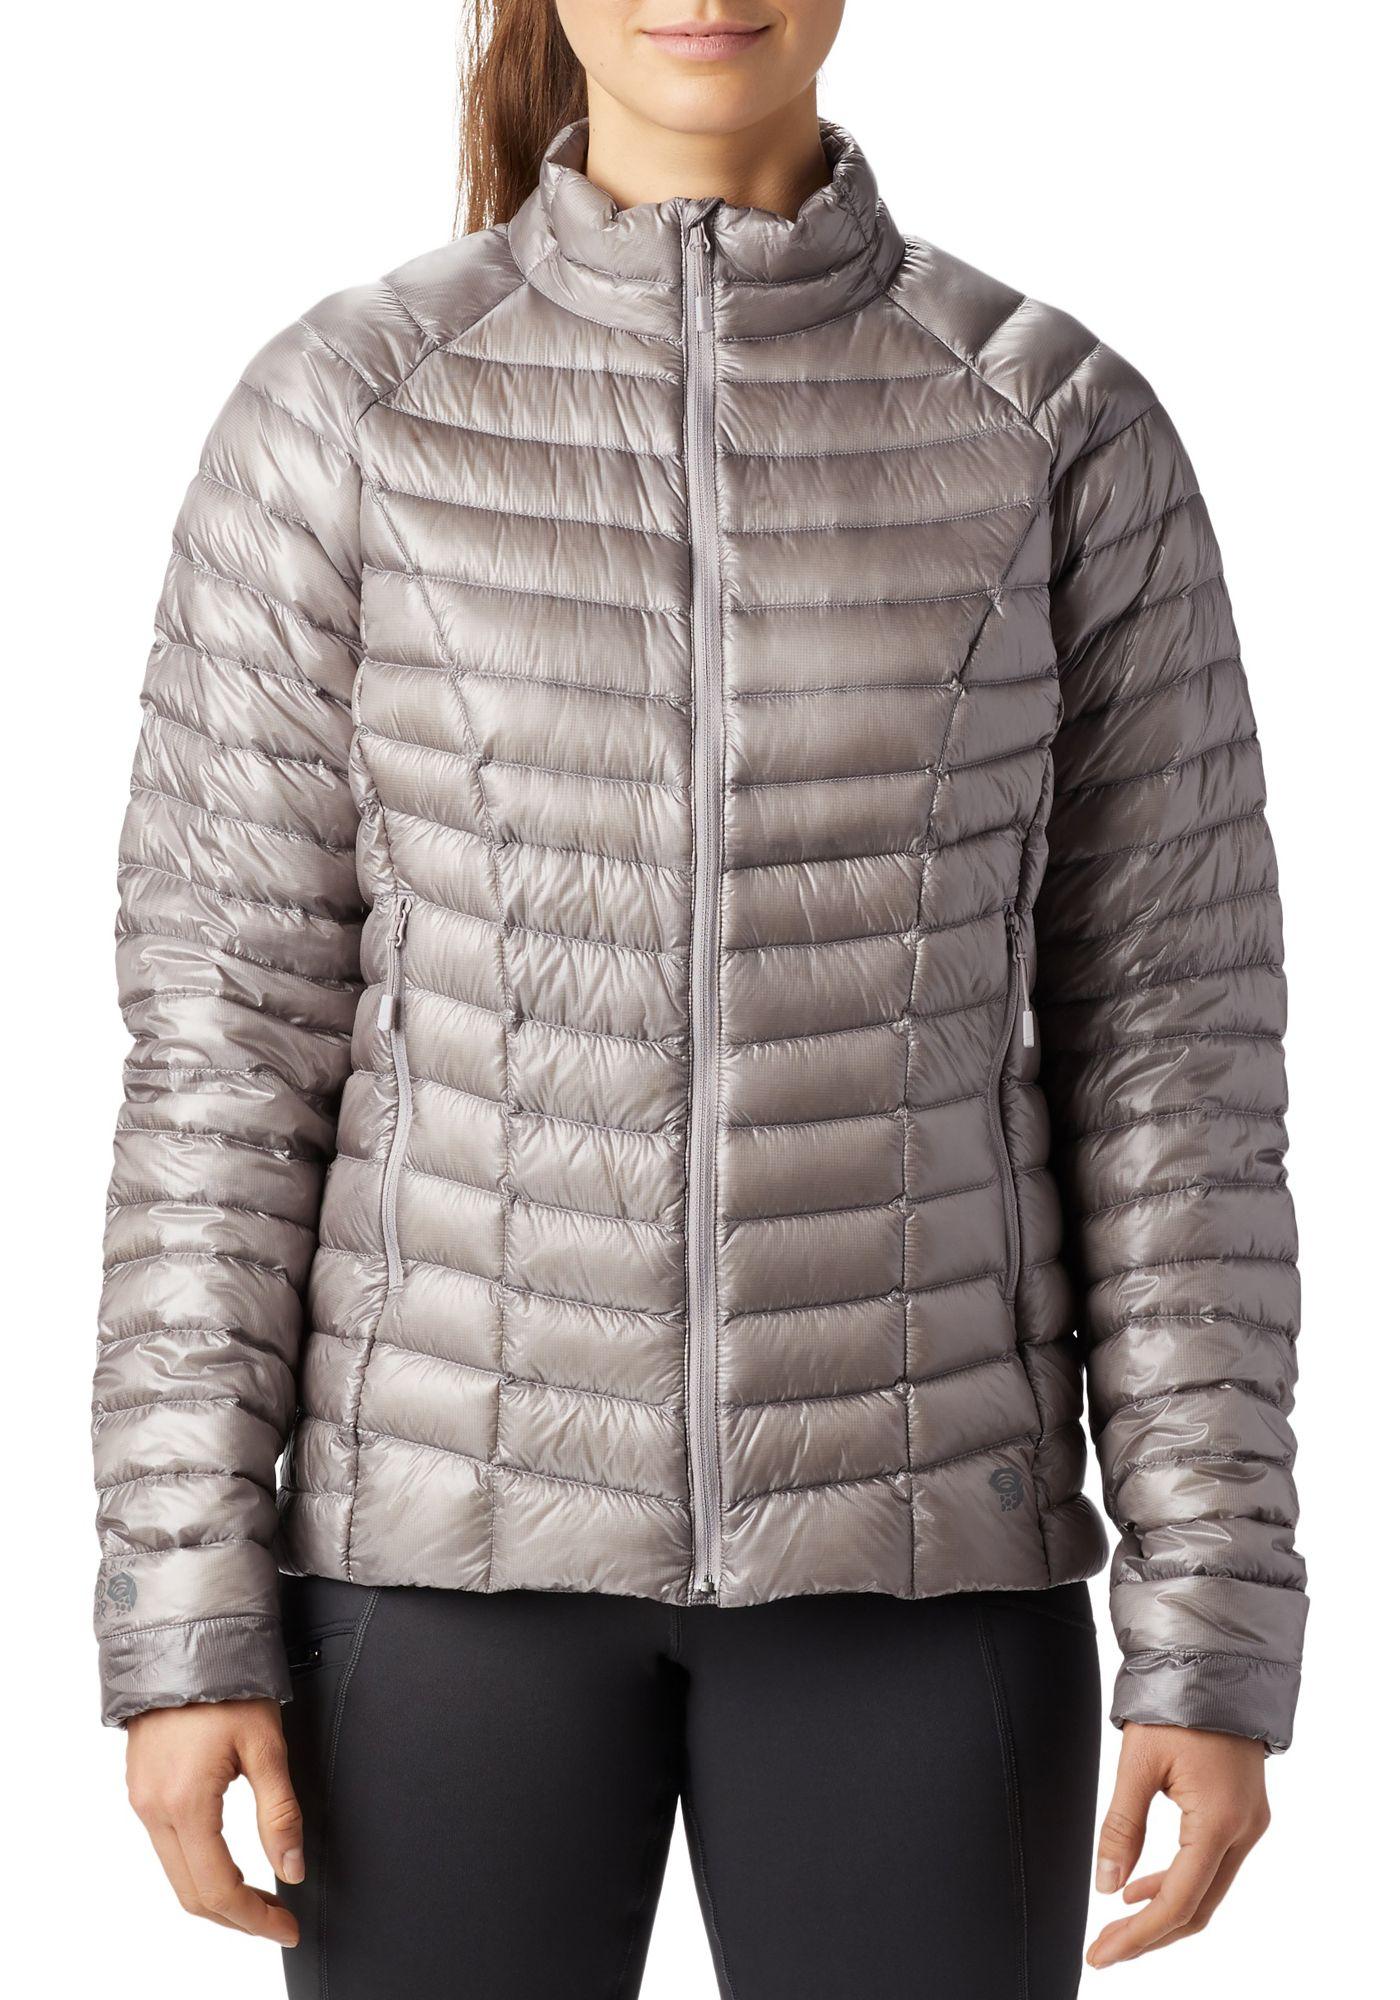 Mountain Hardwear Women's Ghost Whisperer/2 Down Jacket